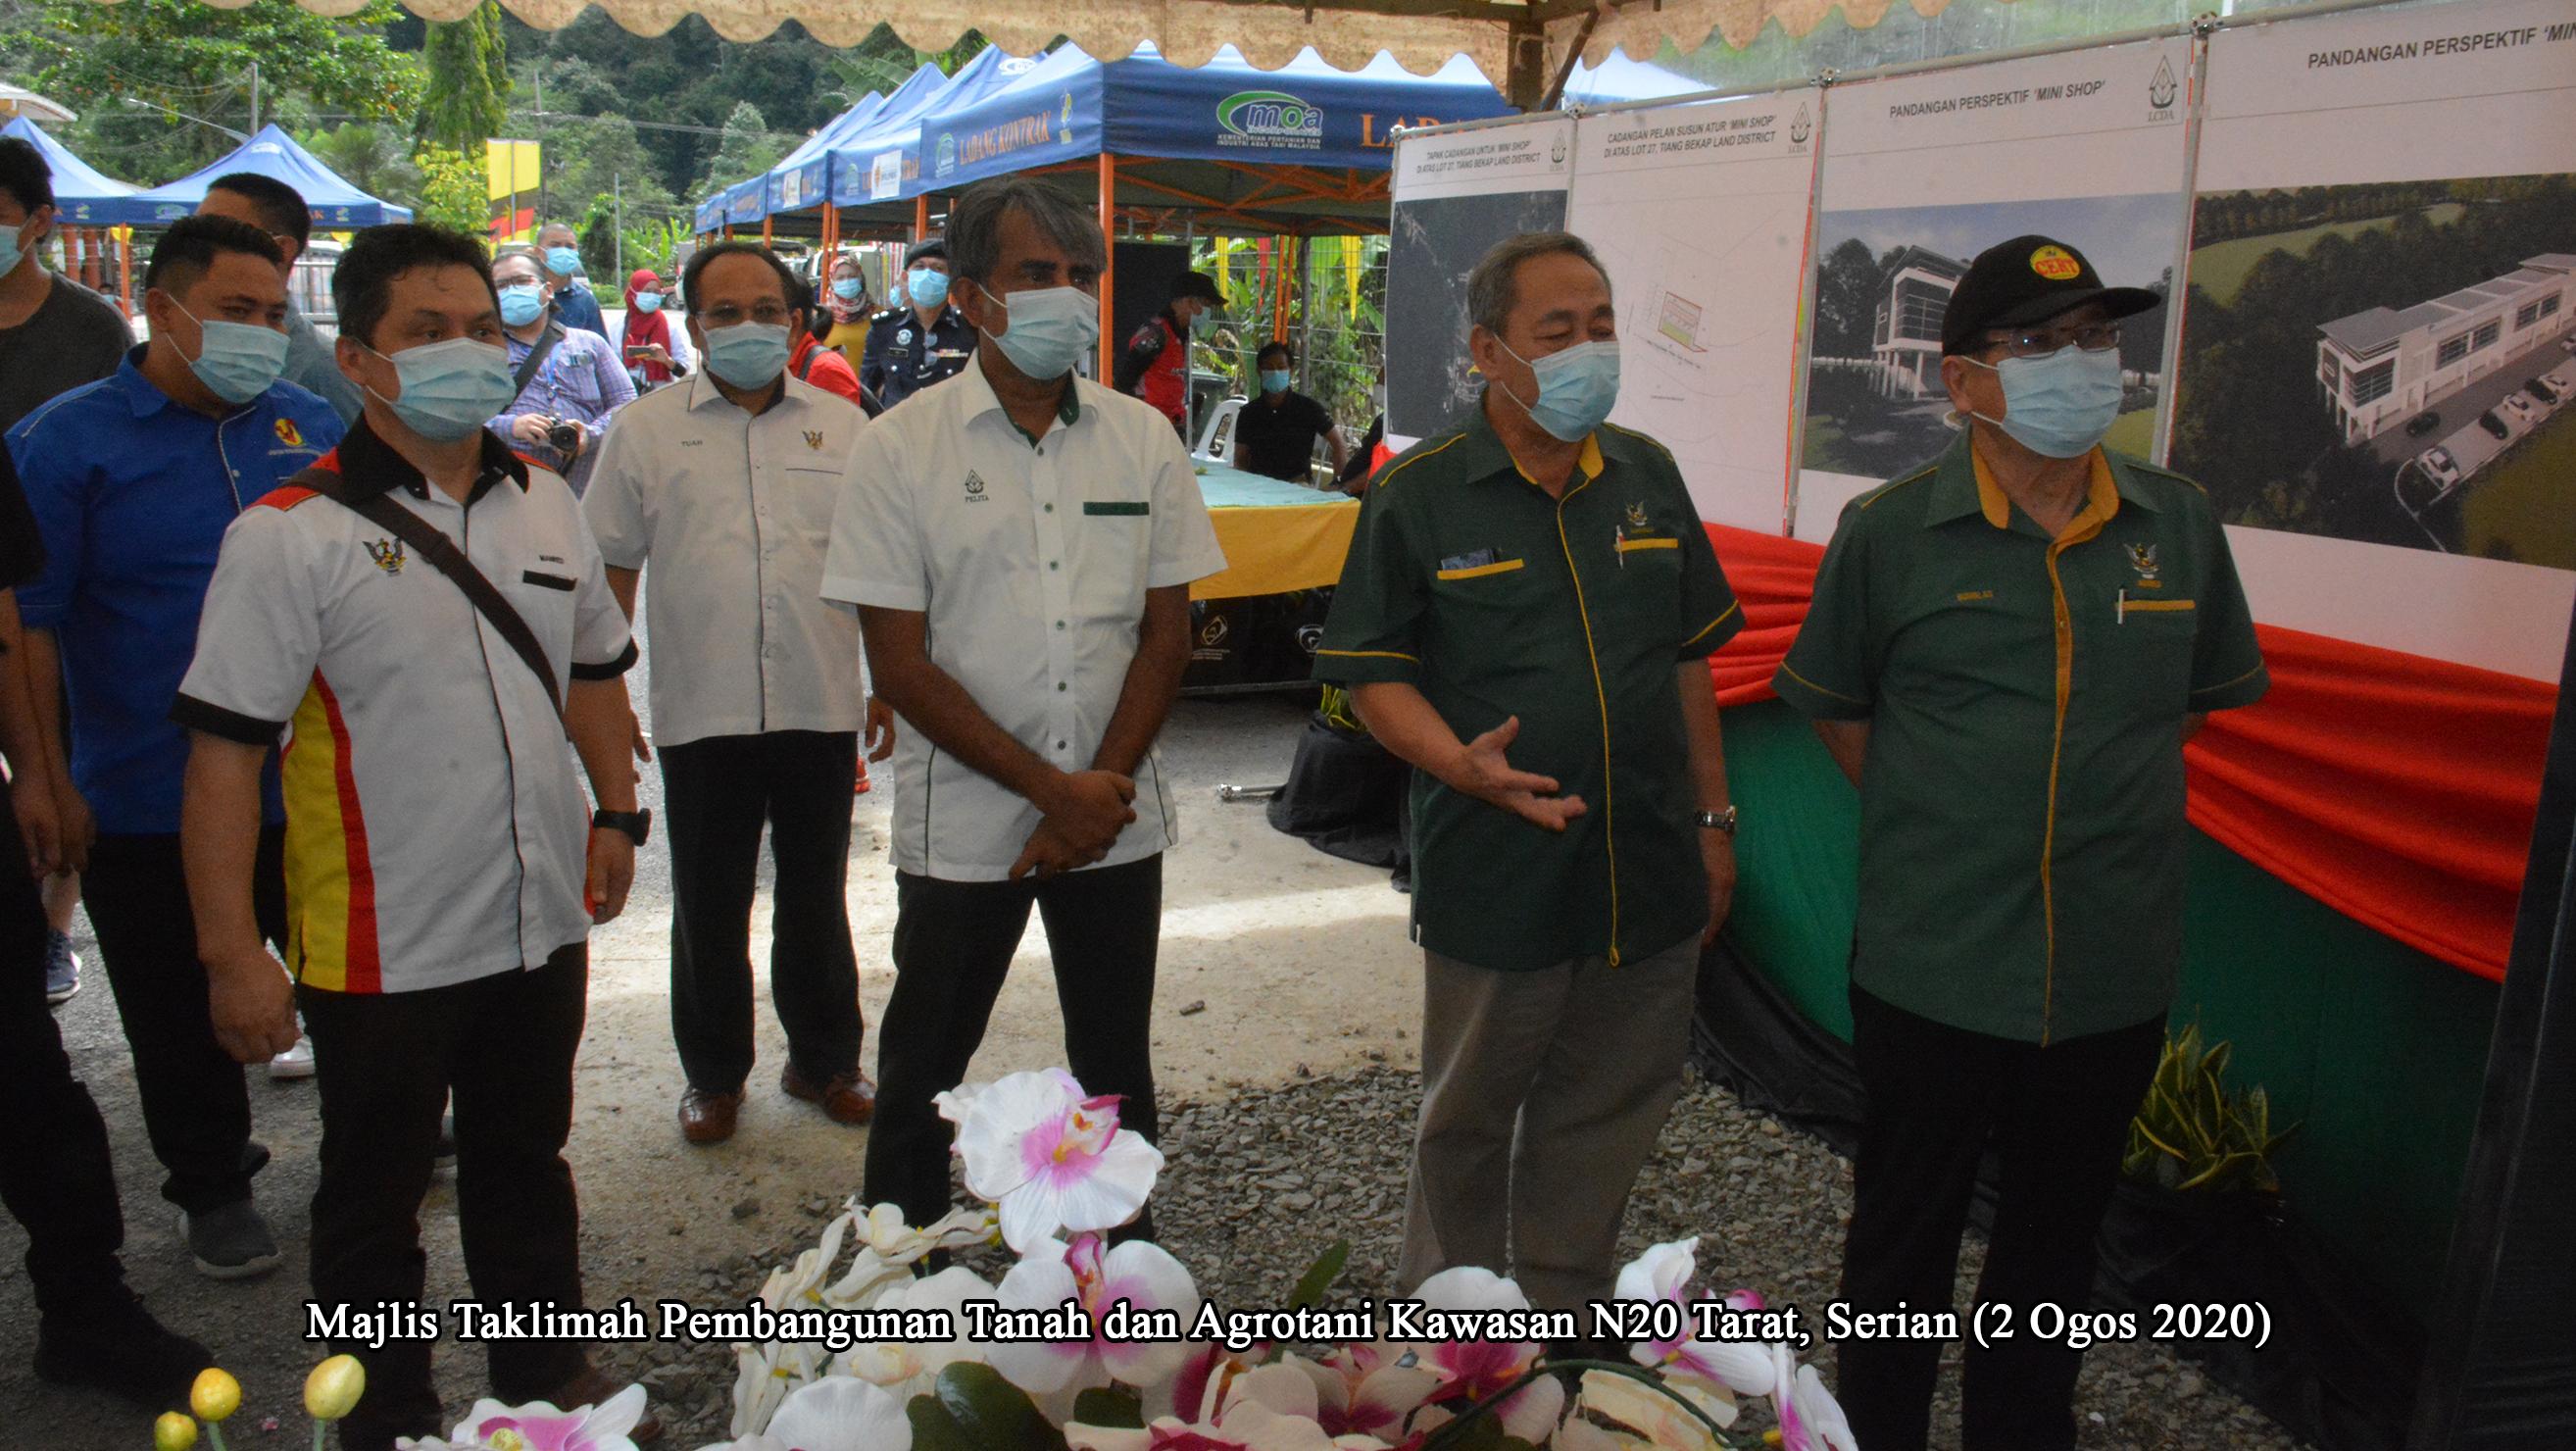 011 Majlis Taklimah Pembangunan Tanah da